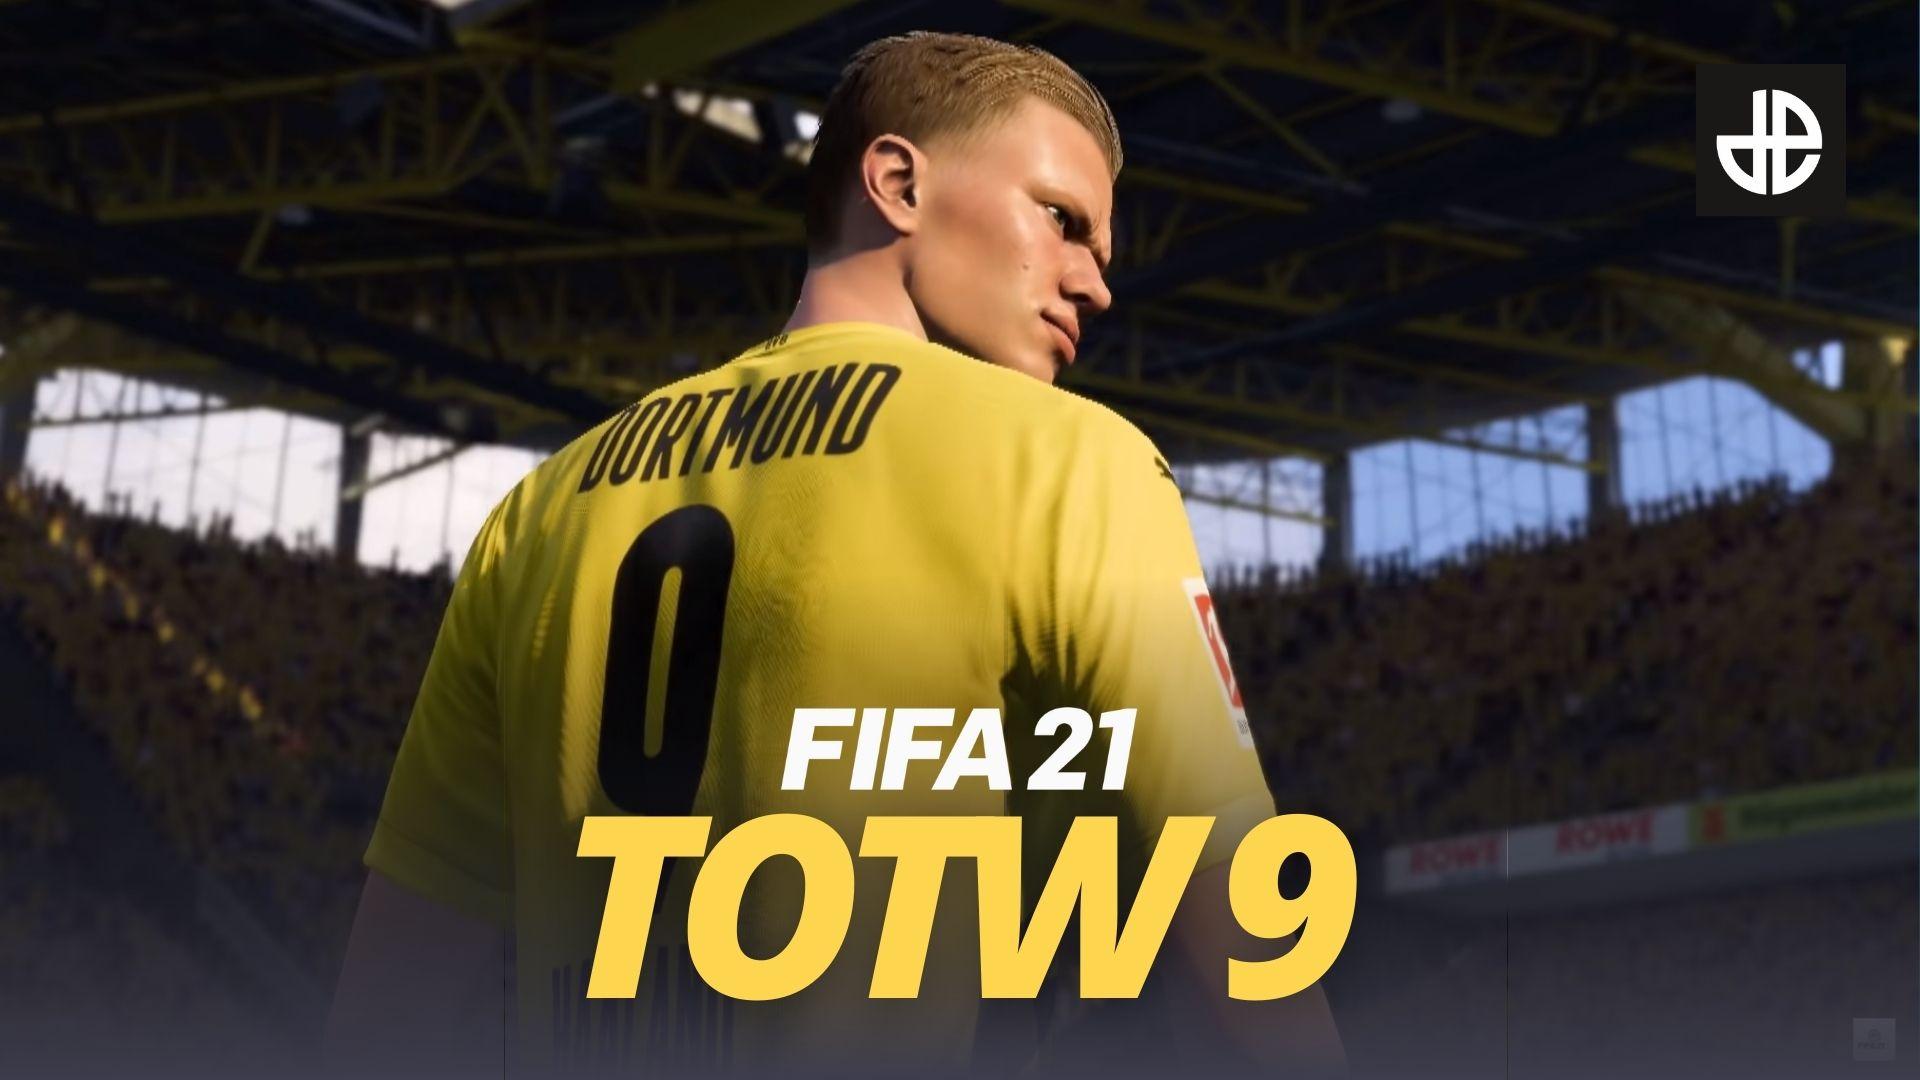 Dortmund striker Erling Haaland stands behind FIFA 21 TOTW 9 logo.